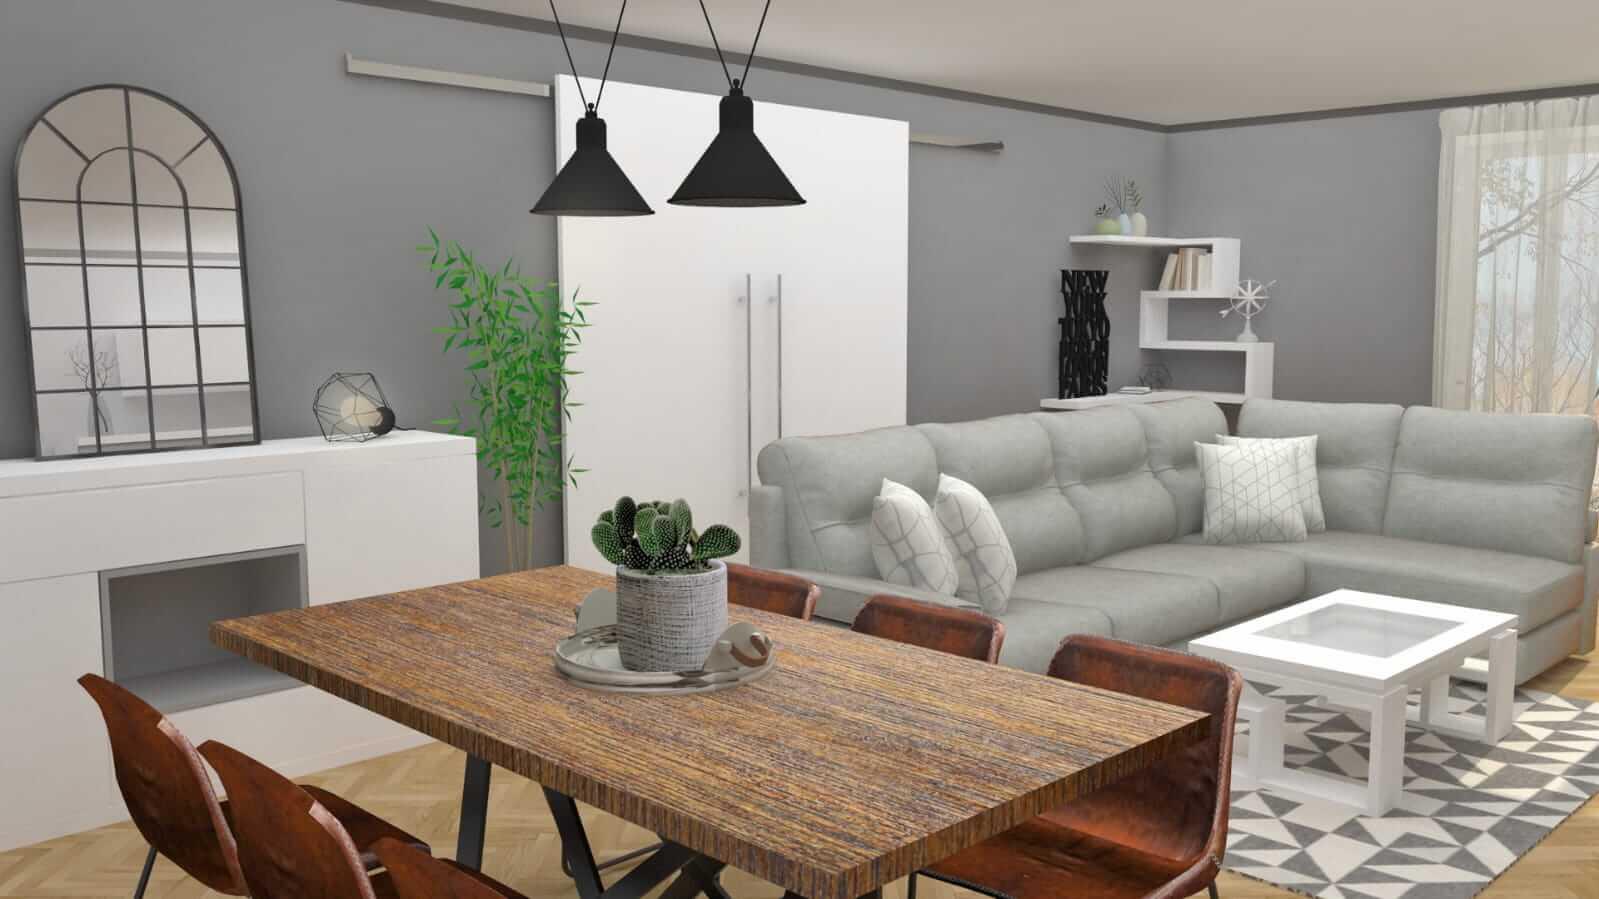 Diseño 3d Muebles Tante 5